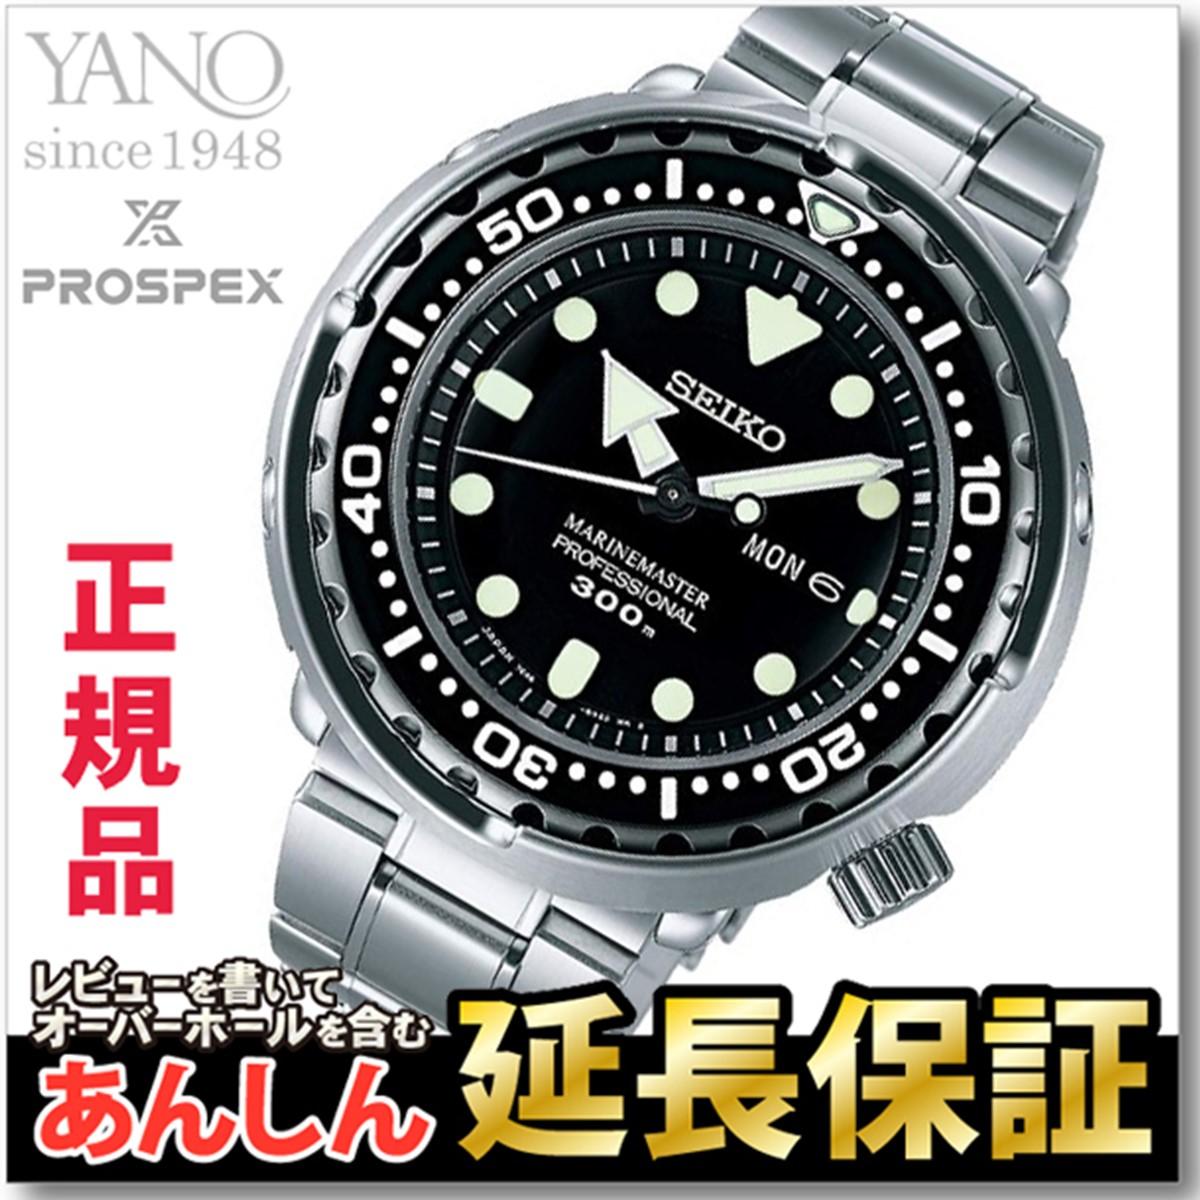 セイコー プロスペックス SEIKO PROSPEX マリーンマスター プロフェッショナル 腕時計 メンズ ダイバーズウォッチ SBBN031【正規品】【2015】【ラッピング無料】_10spl